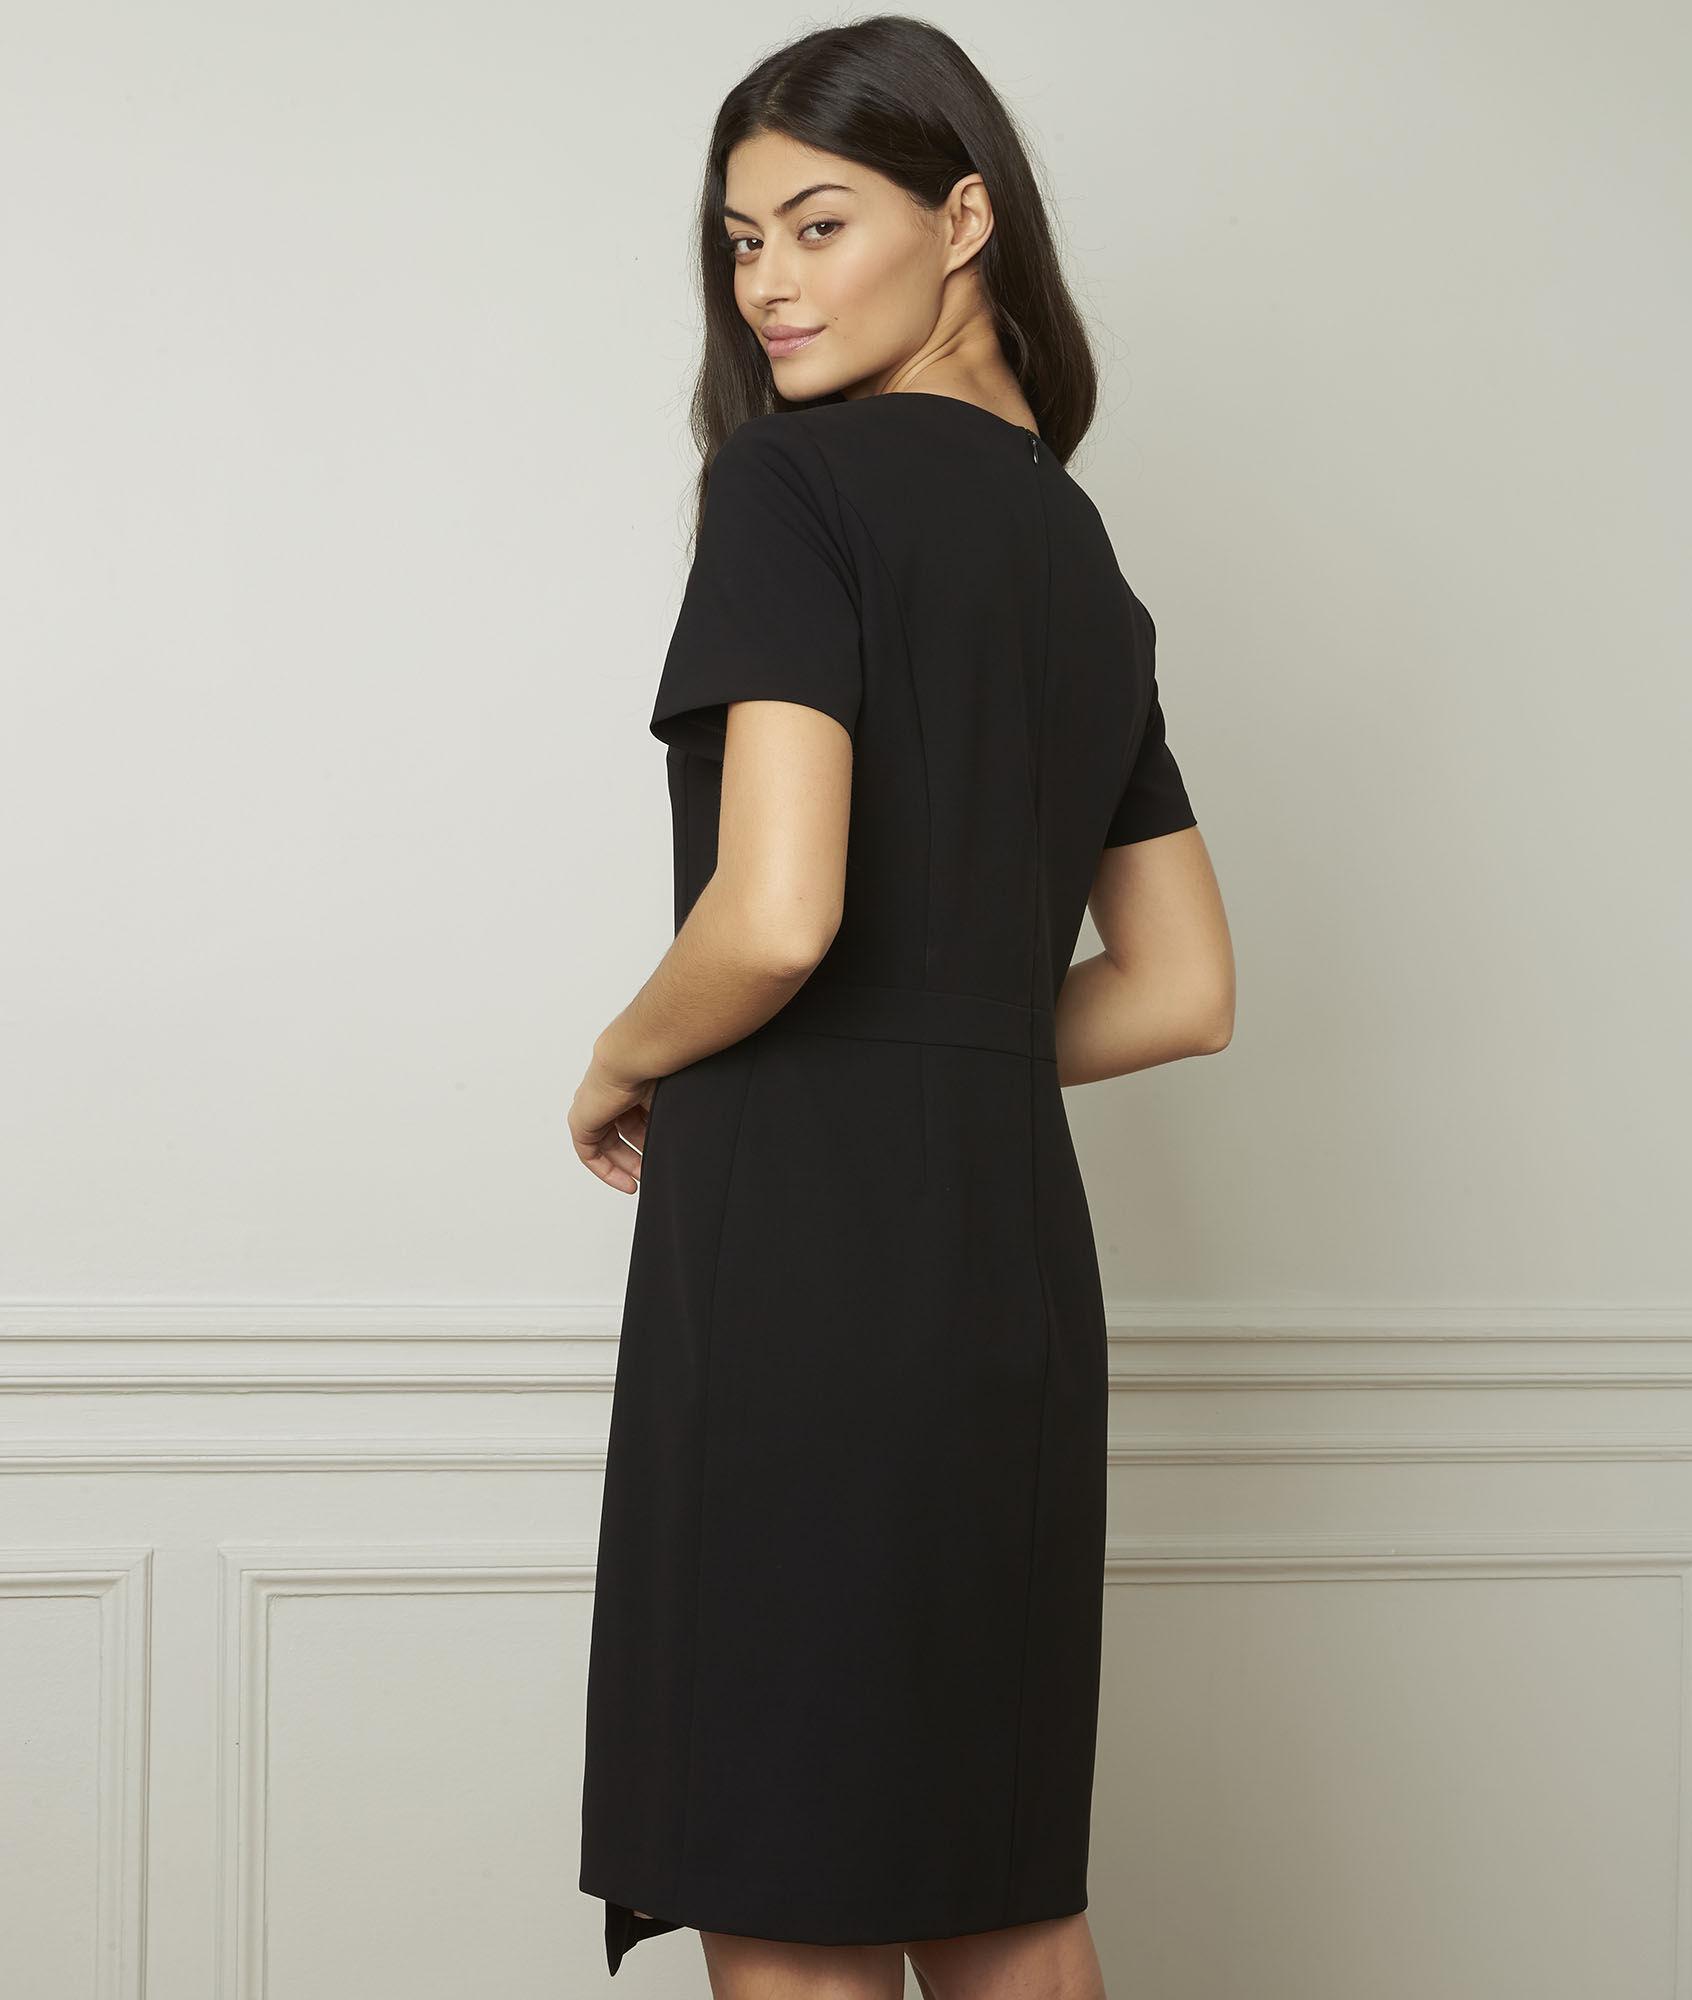 Maison Robe 123 Noire – Dentelle Robes Noires GraphiquesEn c3ARSjL45q